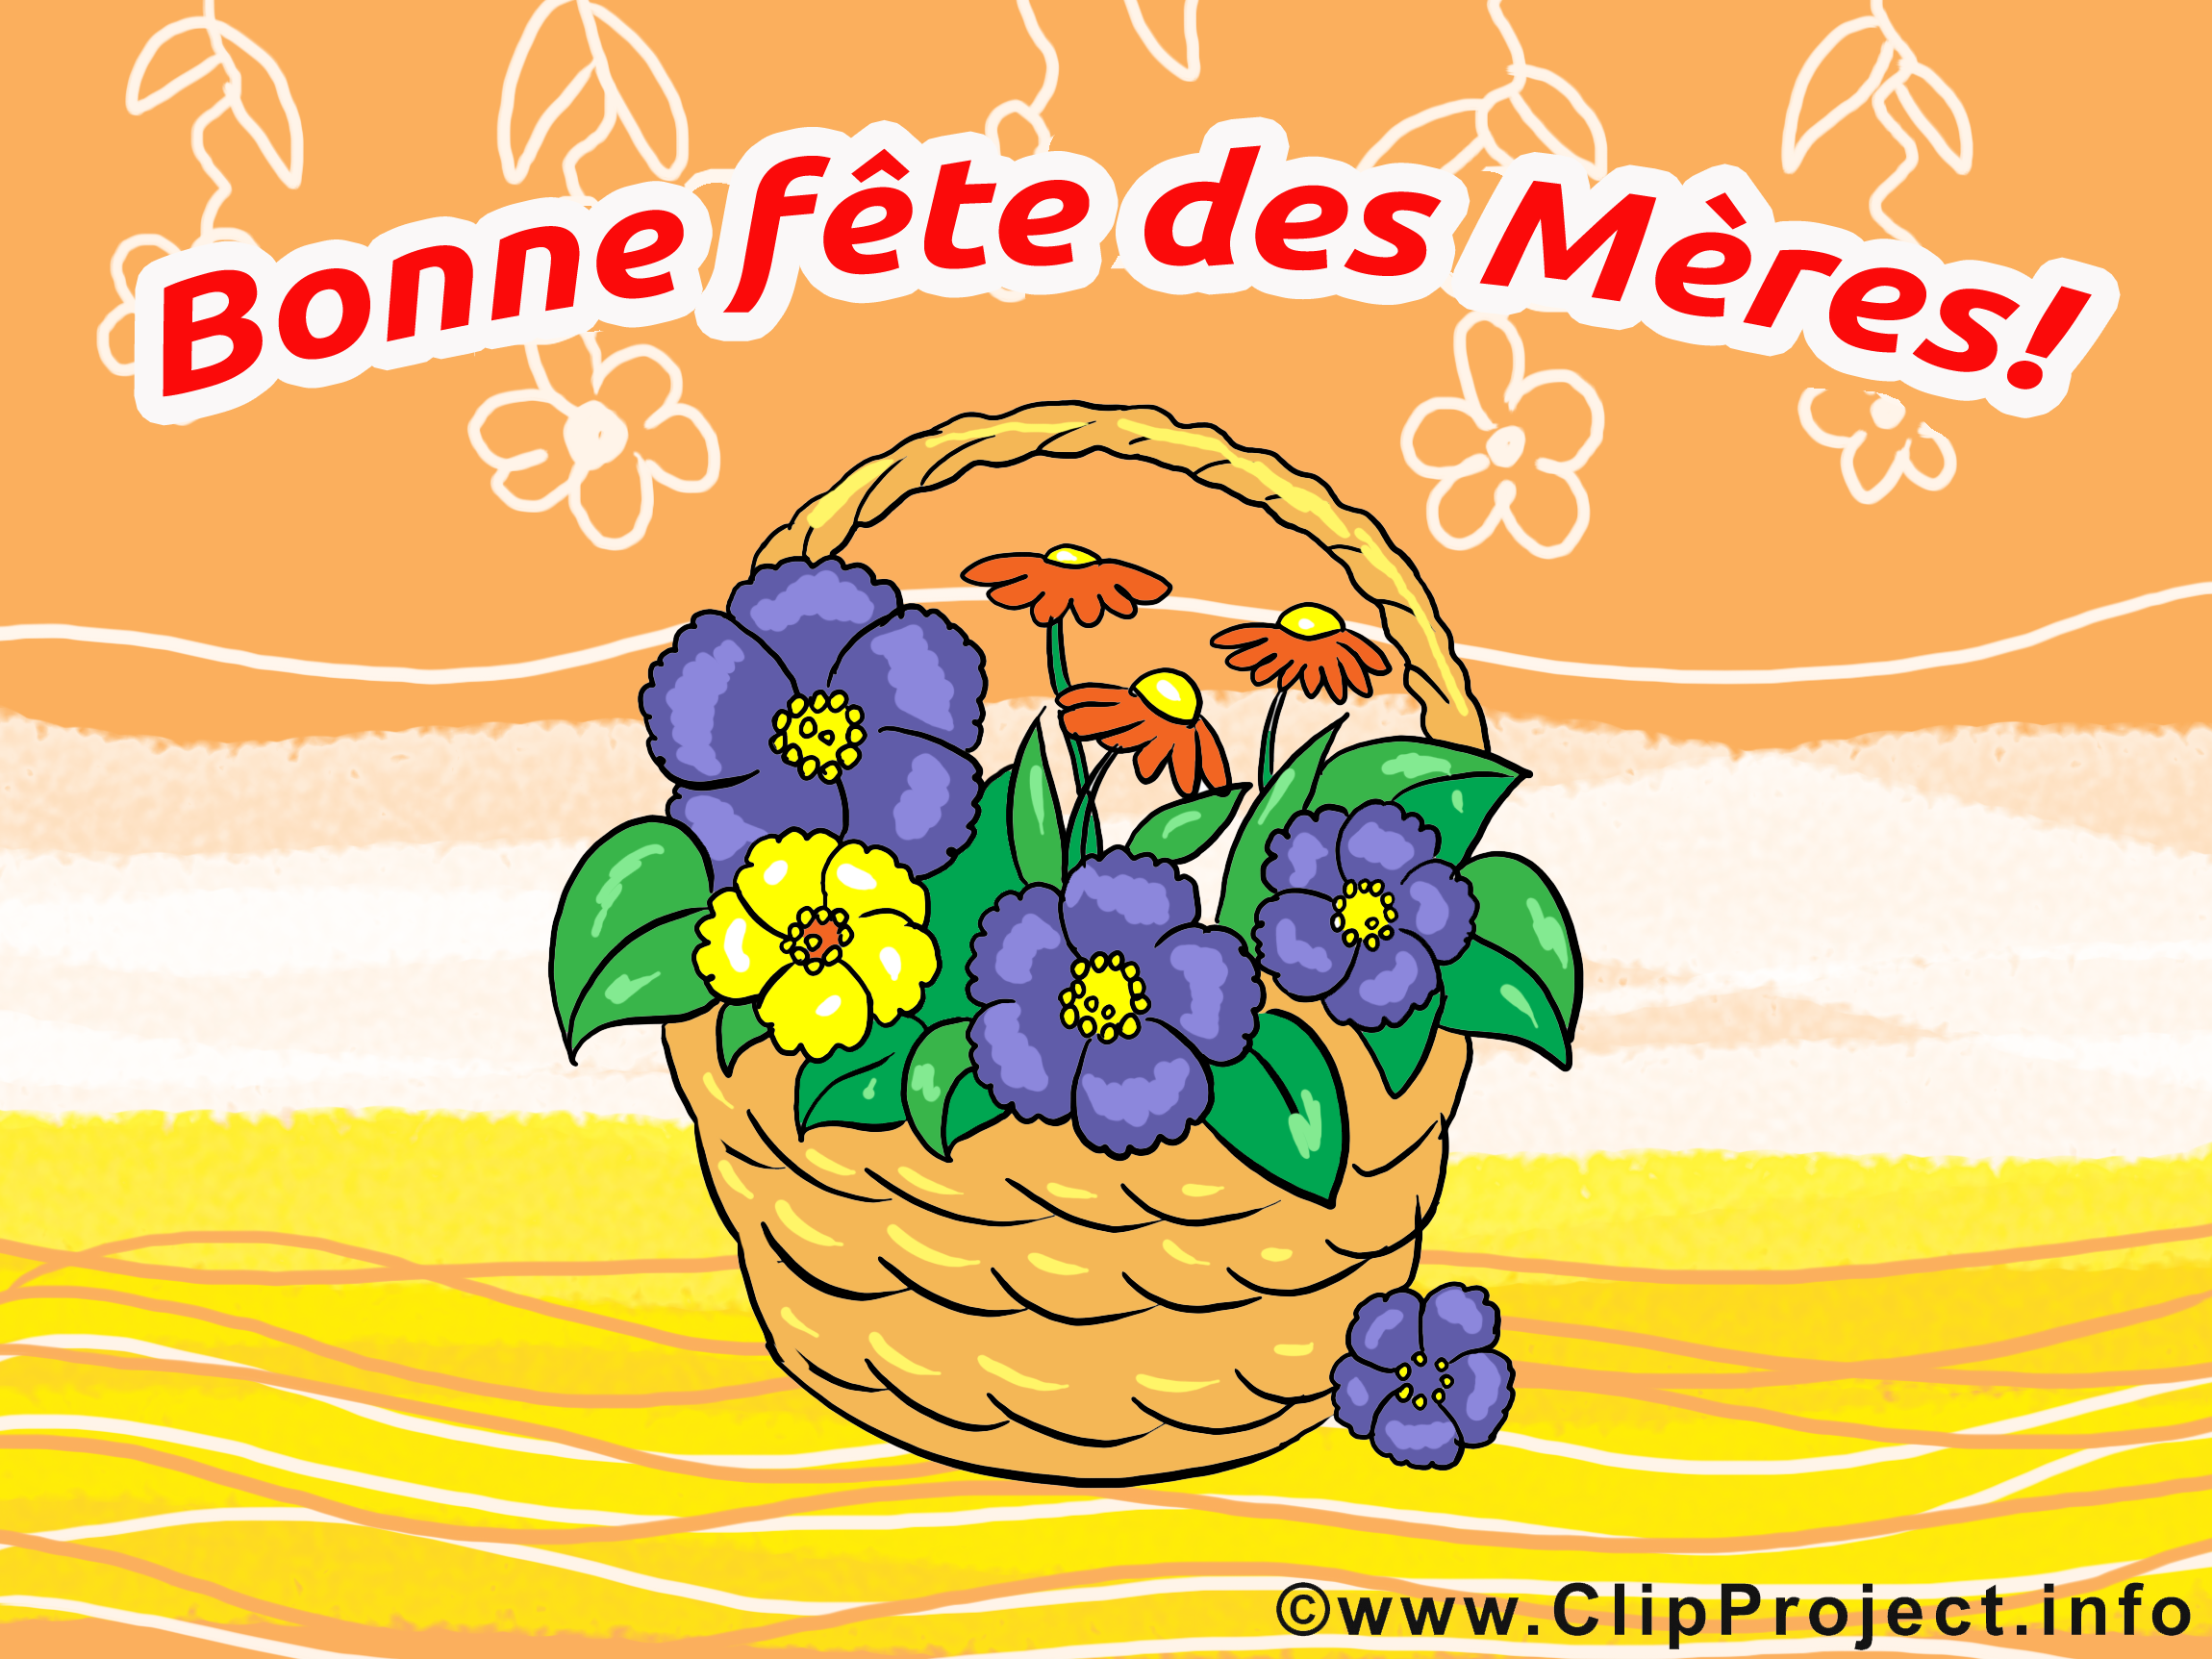 Panier fête des Mères illustration à télécharger gratuite